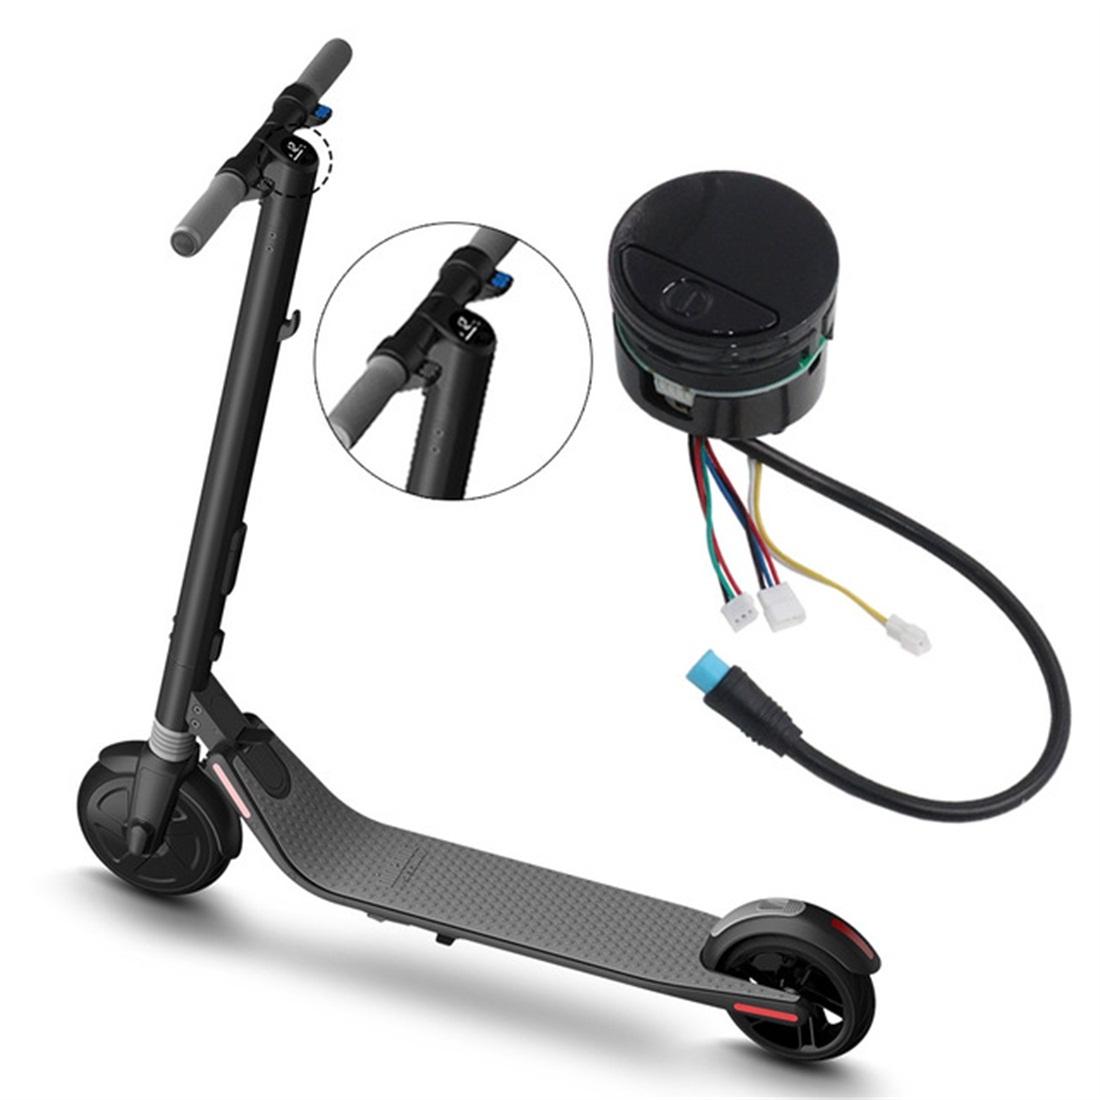 For Xiaomi ES1/ES2/ES3/ES4 Electric Scooter Dash Board Parts